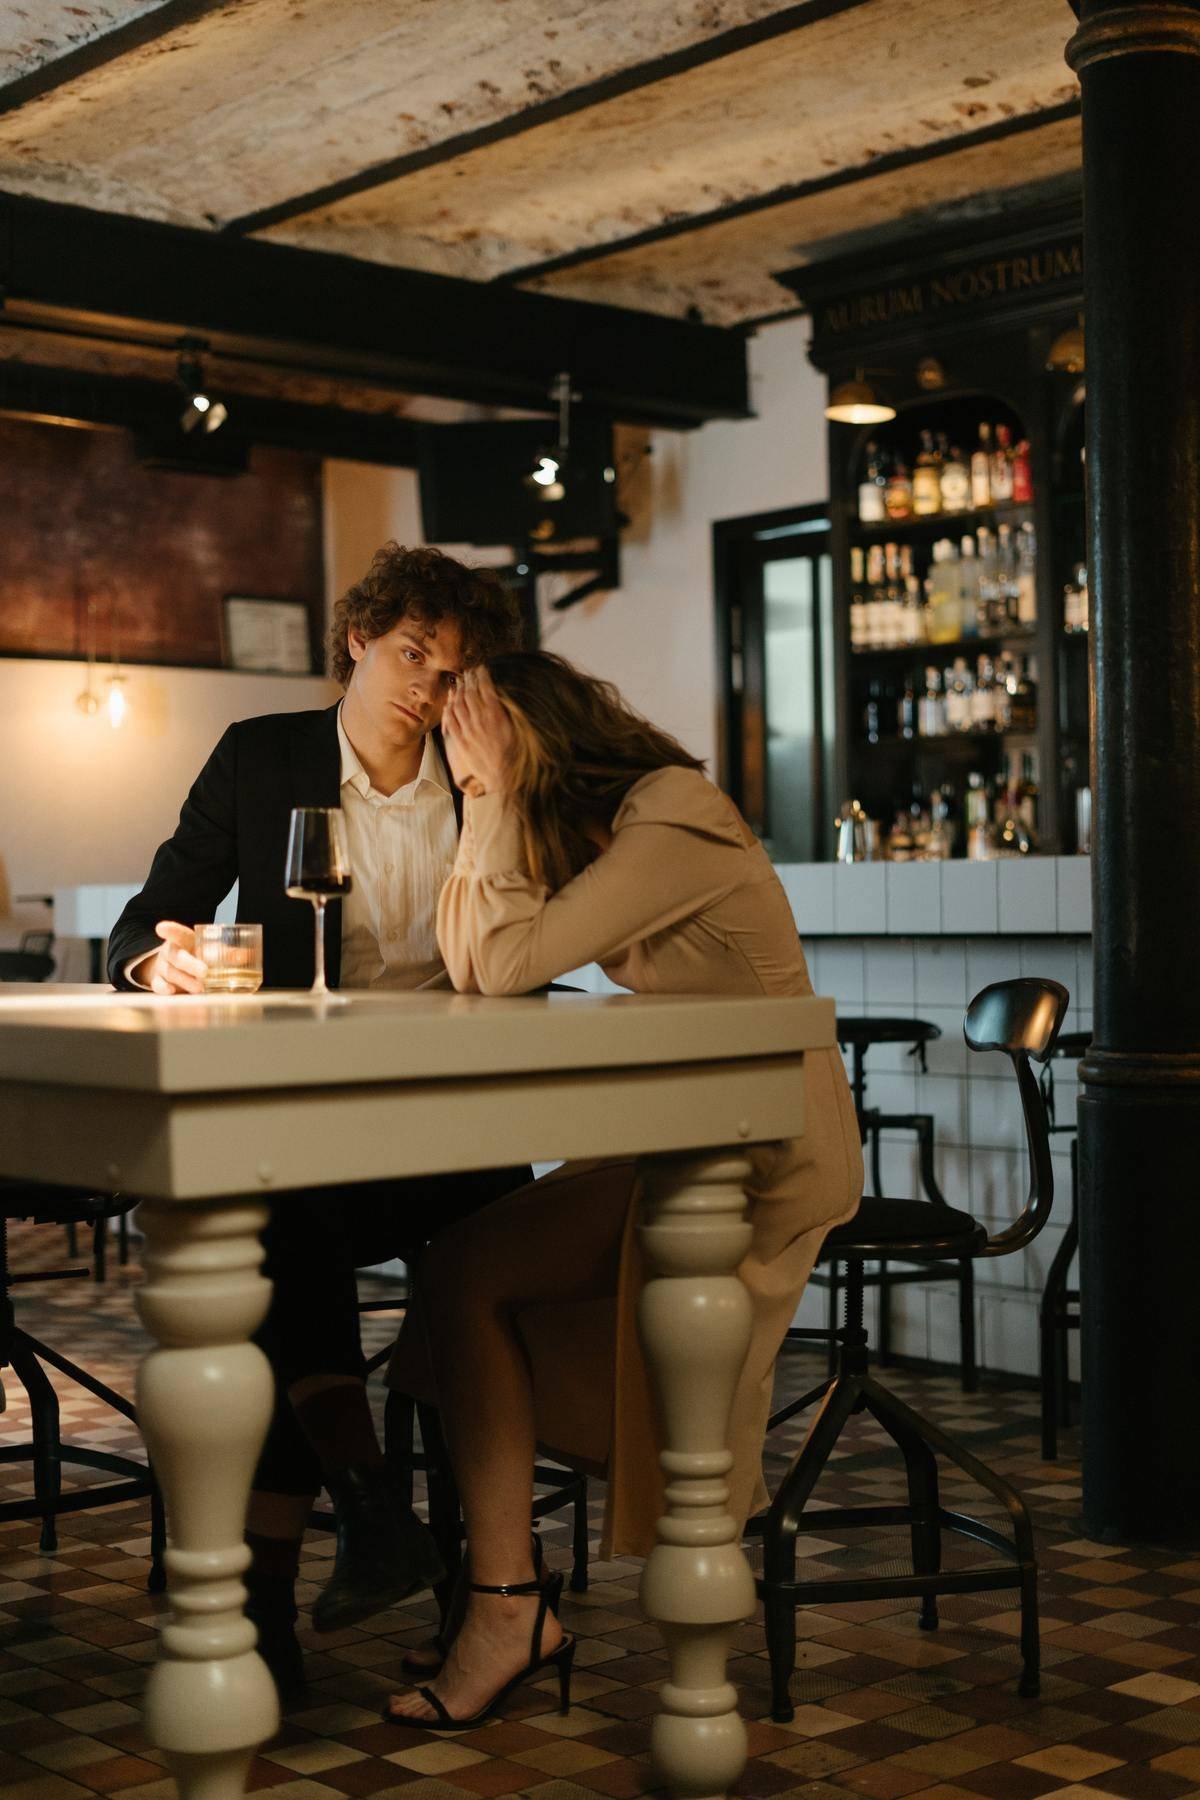 man and woman sit at bar table